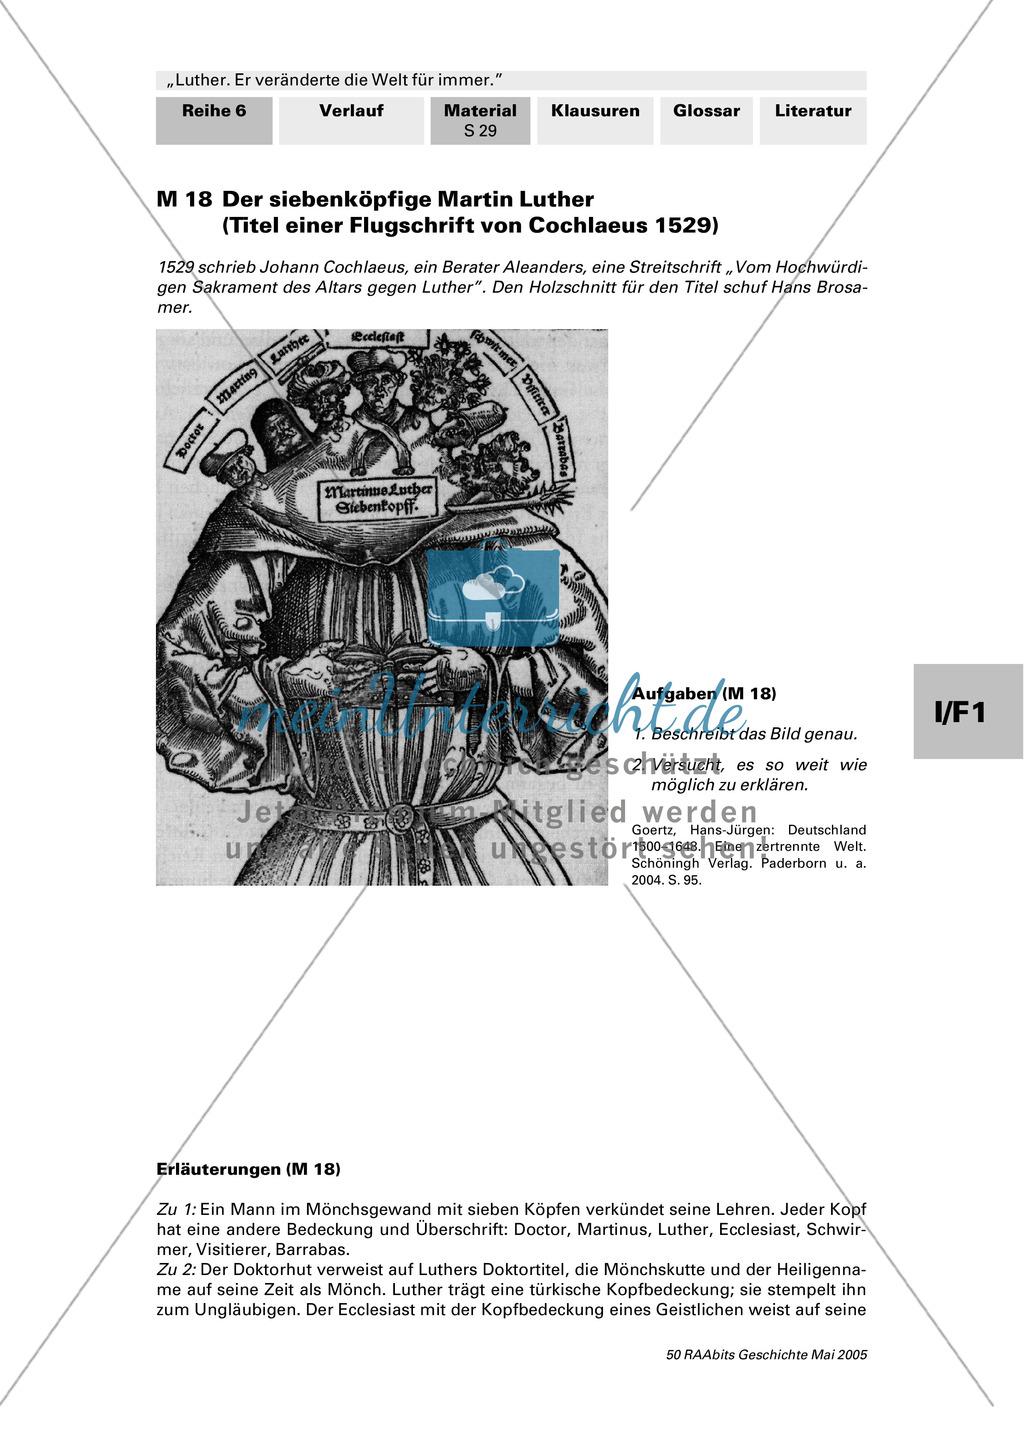 Flugschrift von 1529: Lucas Cranach: